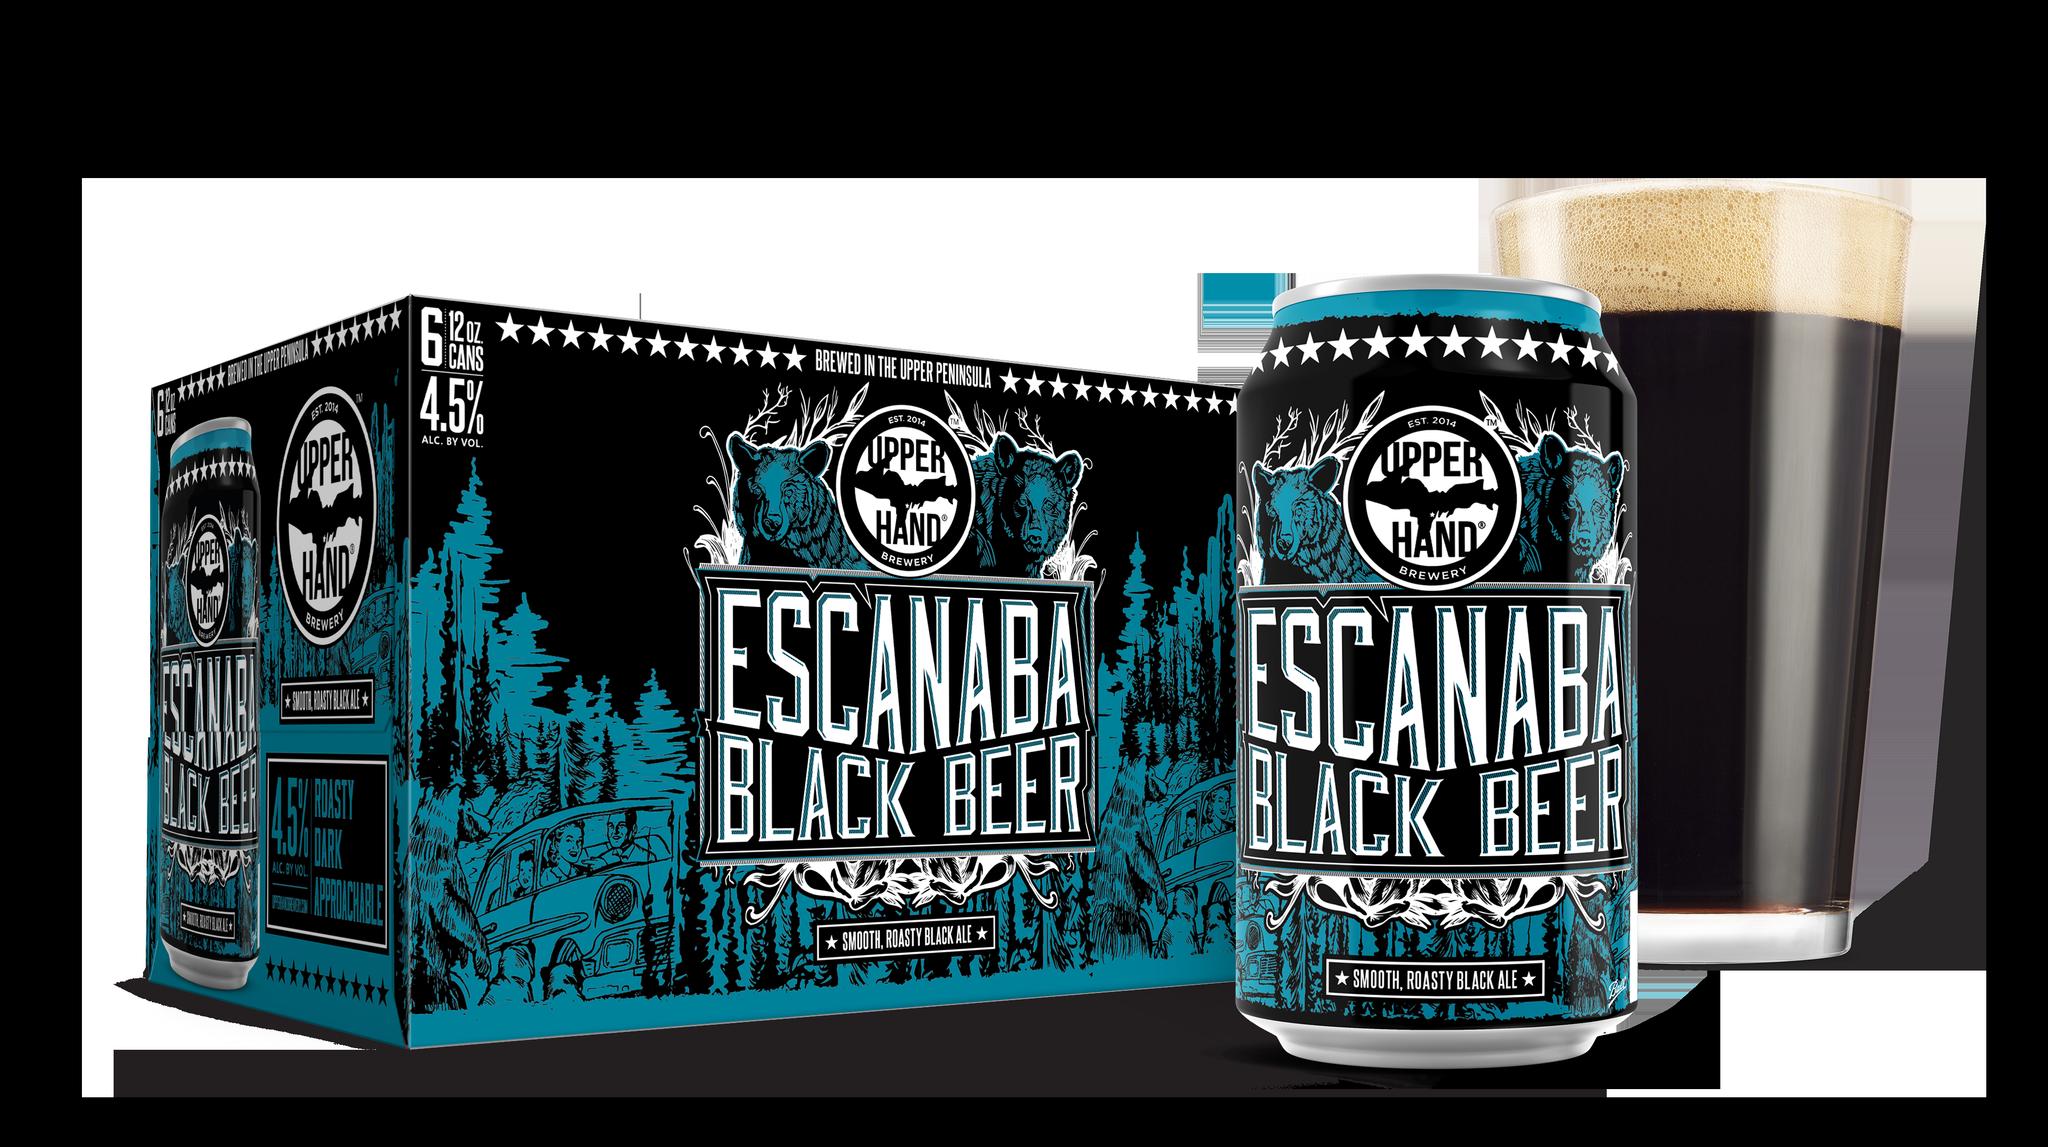 Escanaba Black Beer Brand Rendering